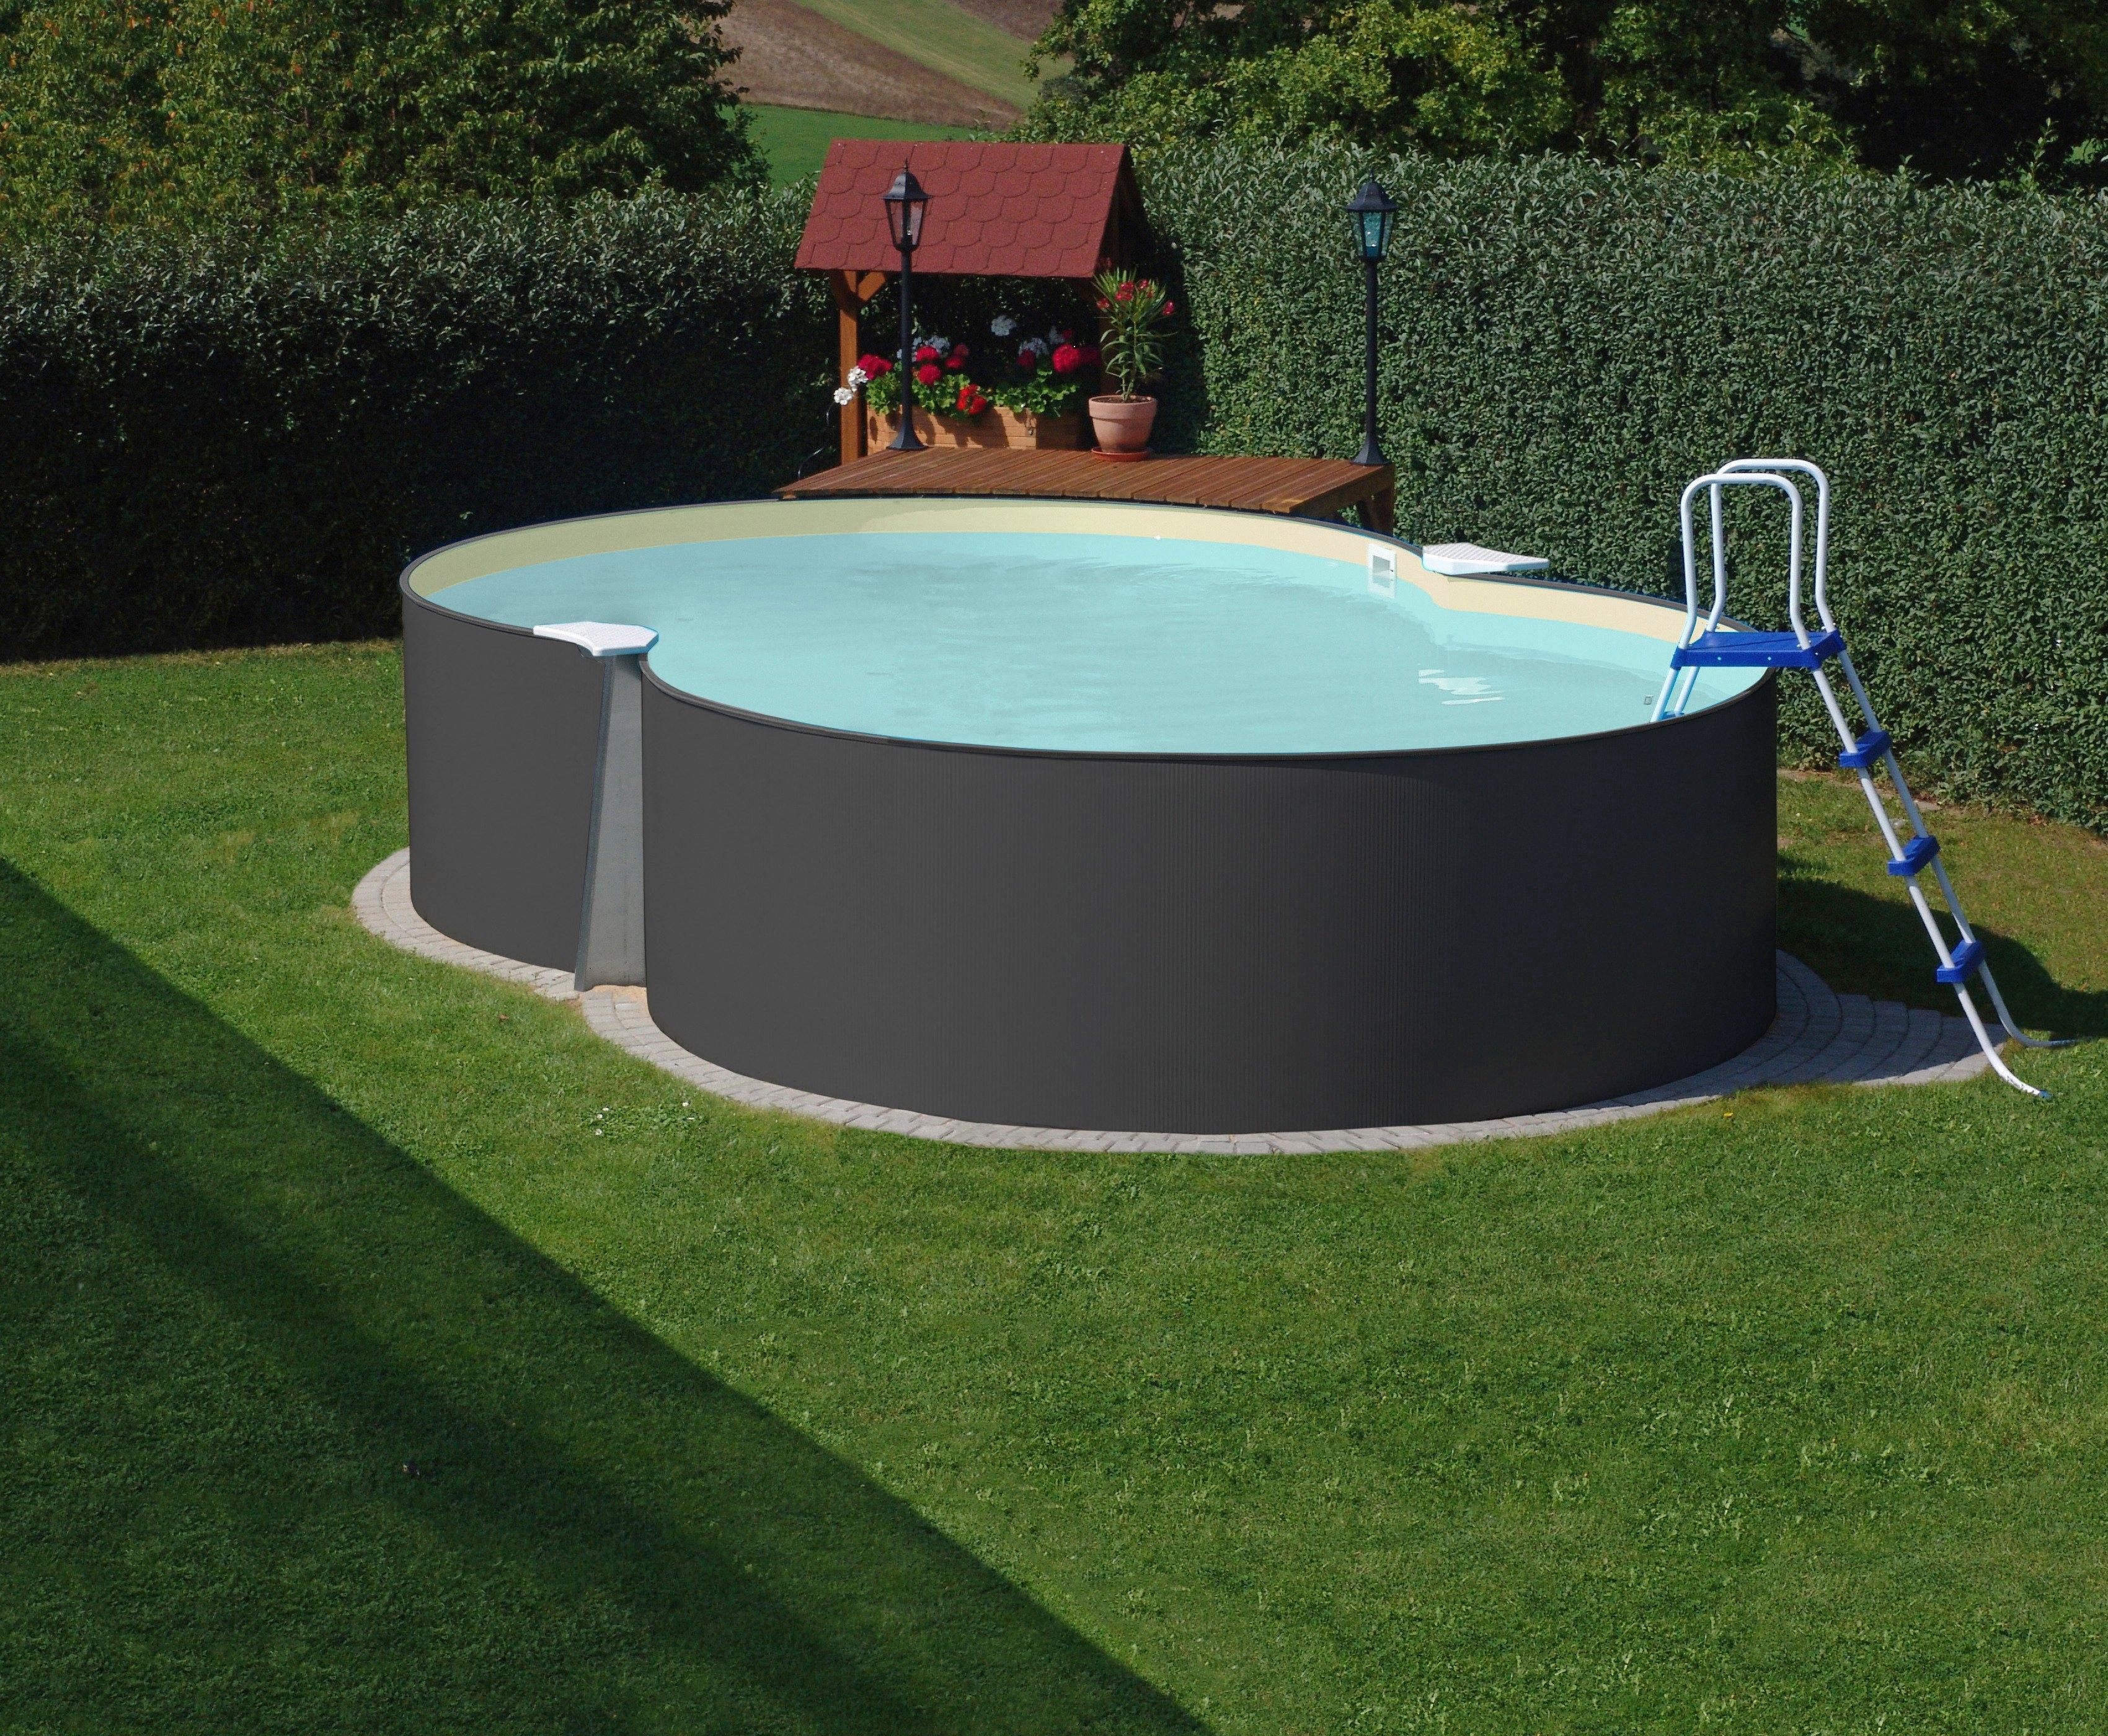 Hanseatic achtvormig zwembad 8 vormig zwembad antraciet for Pool bestellen